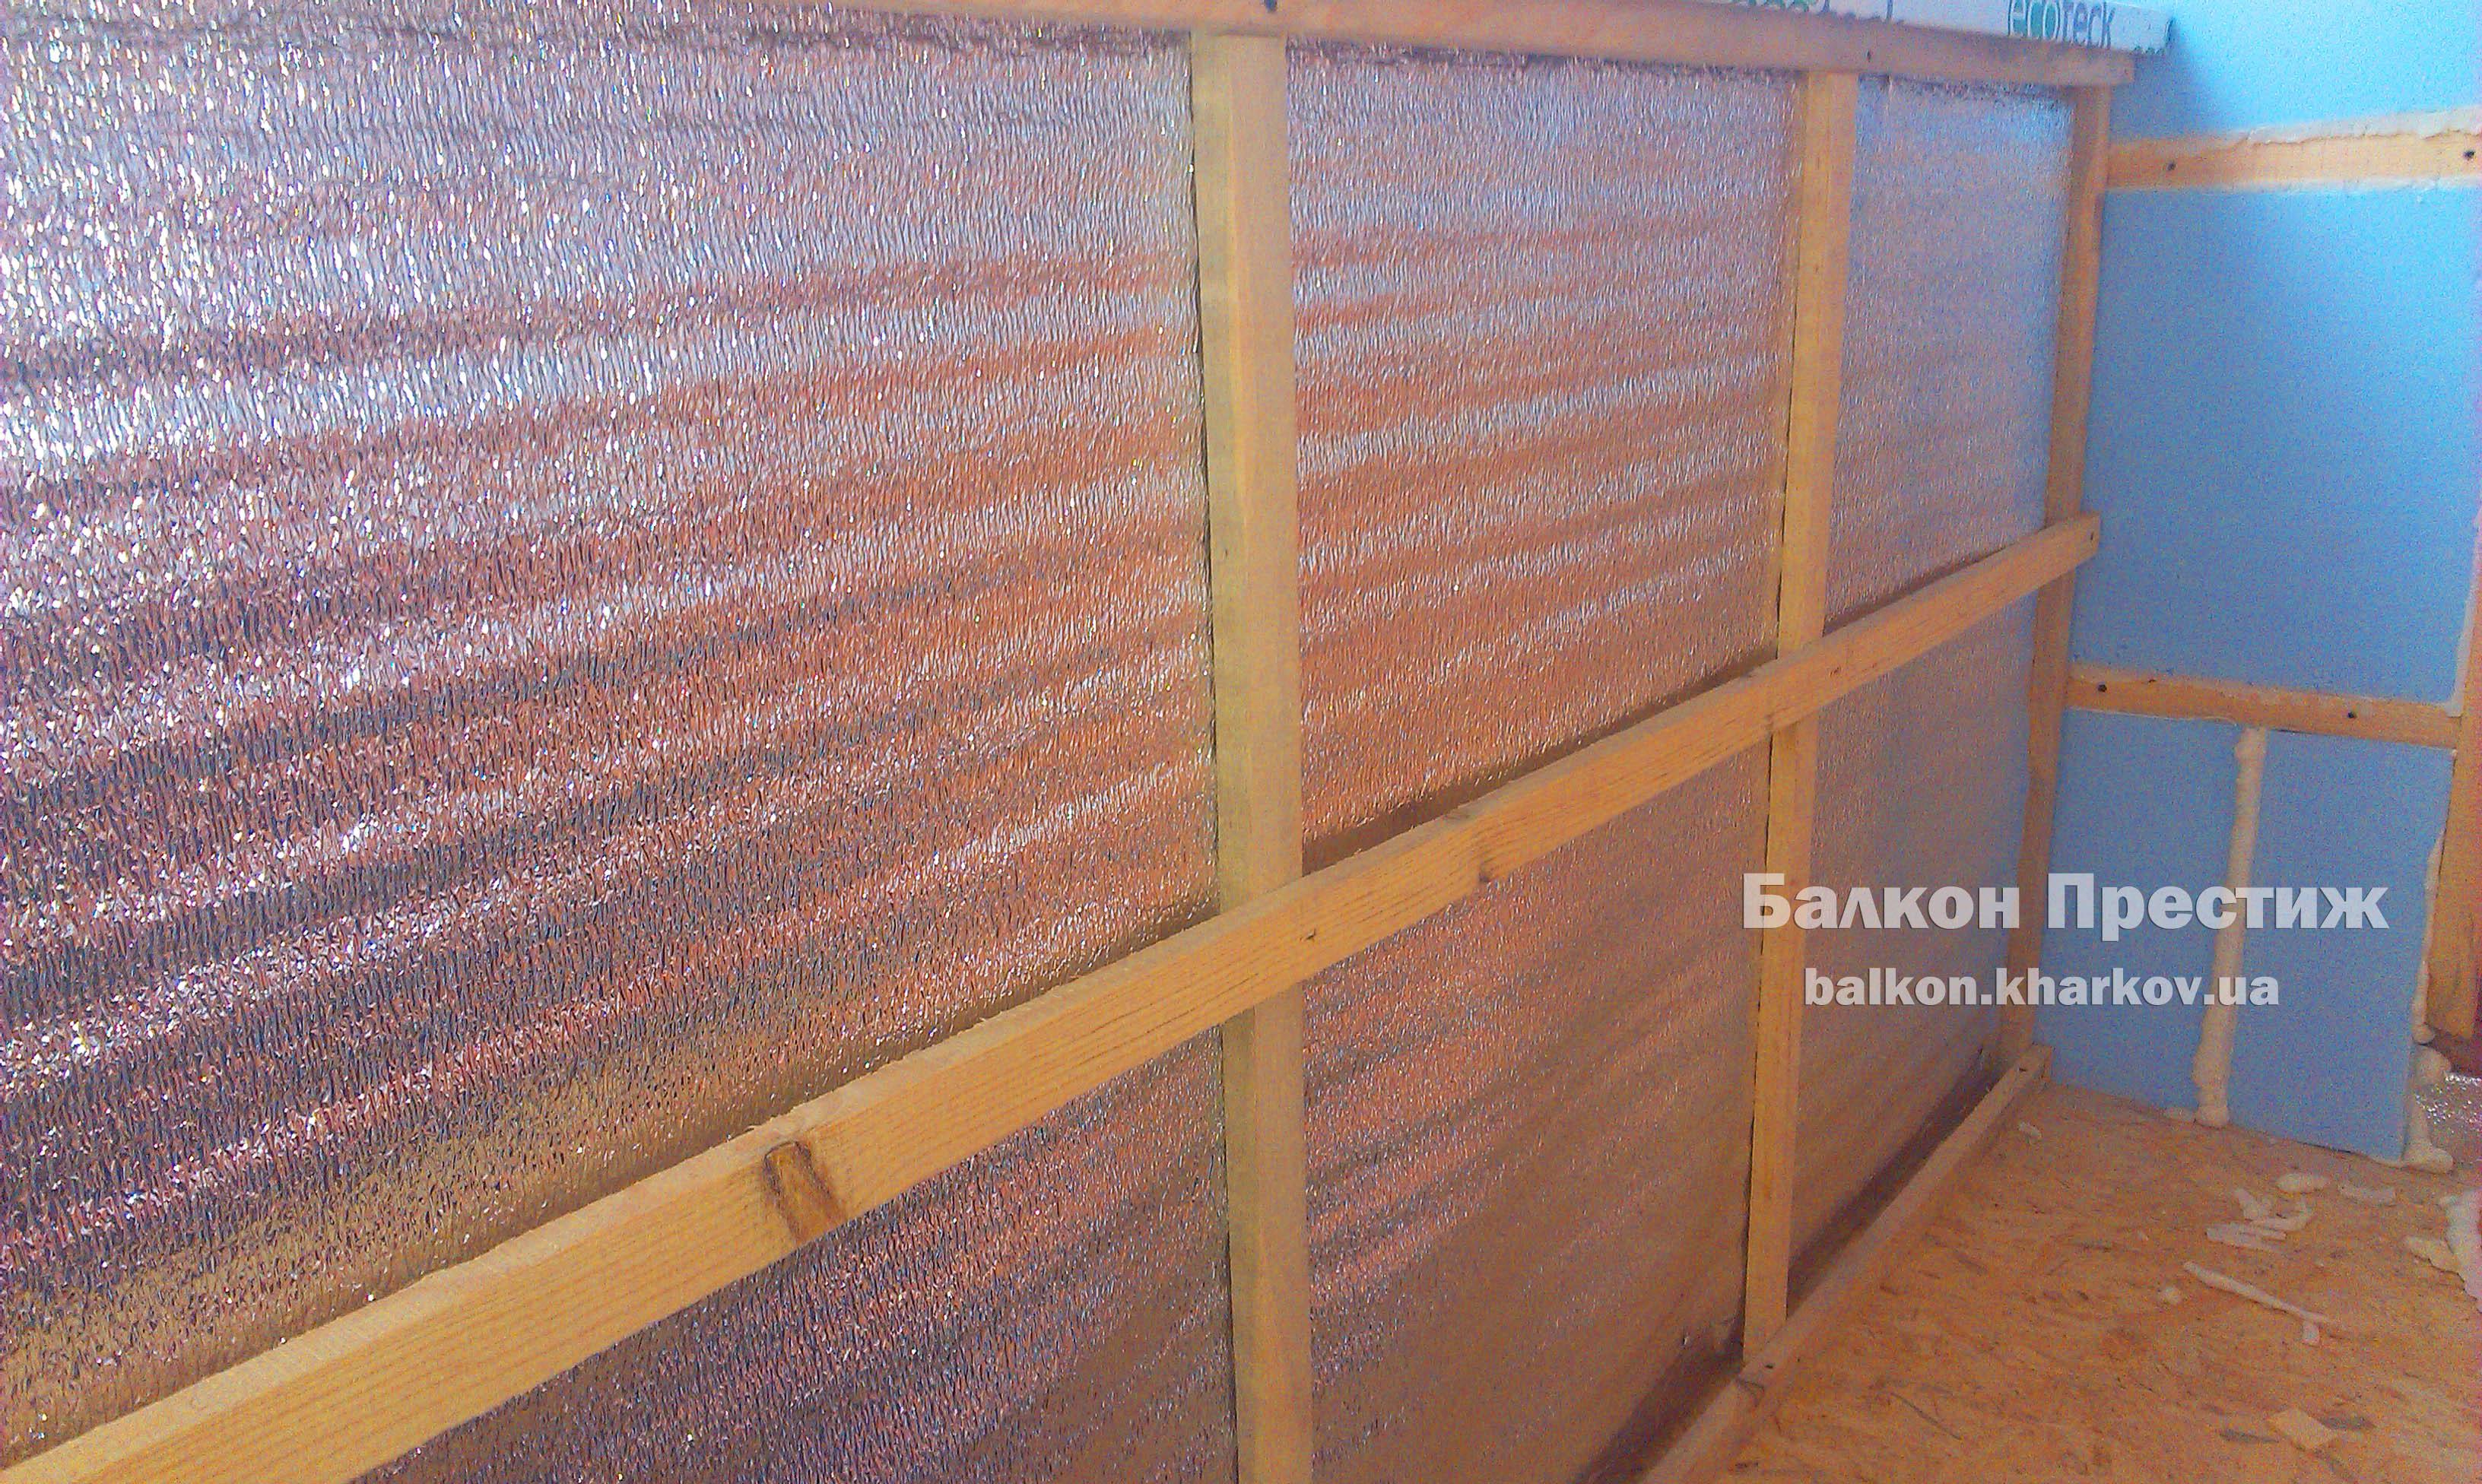 Утепление и обшивка балконов в харькове. низкие цены.